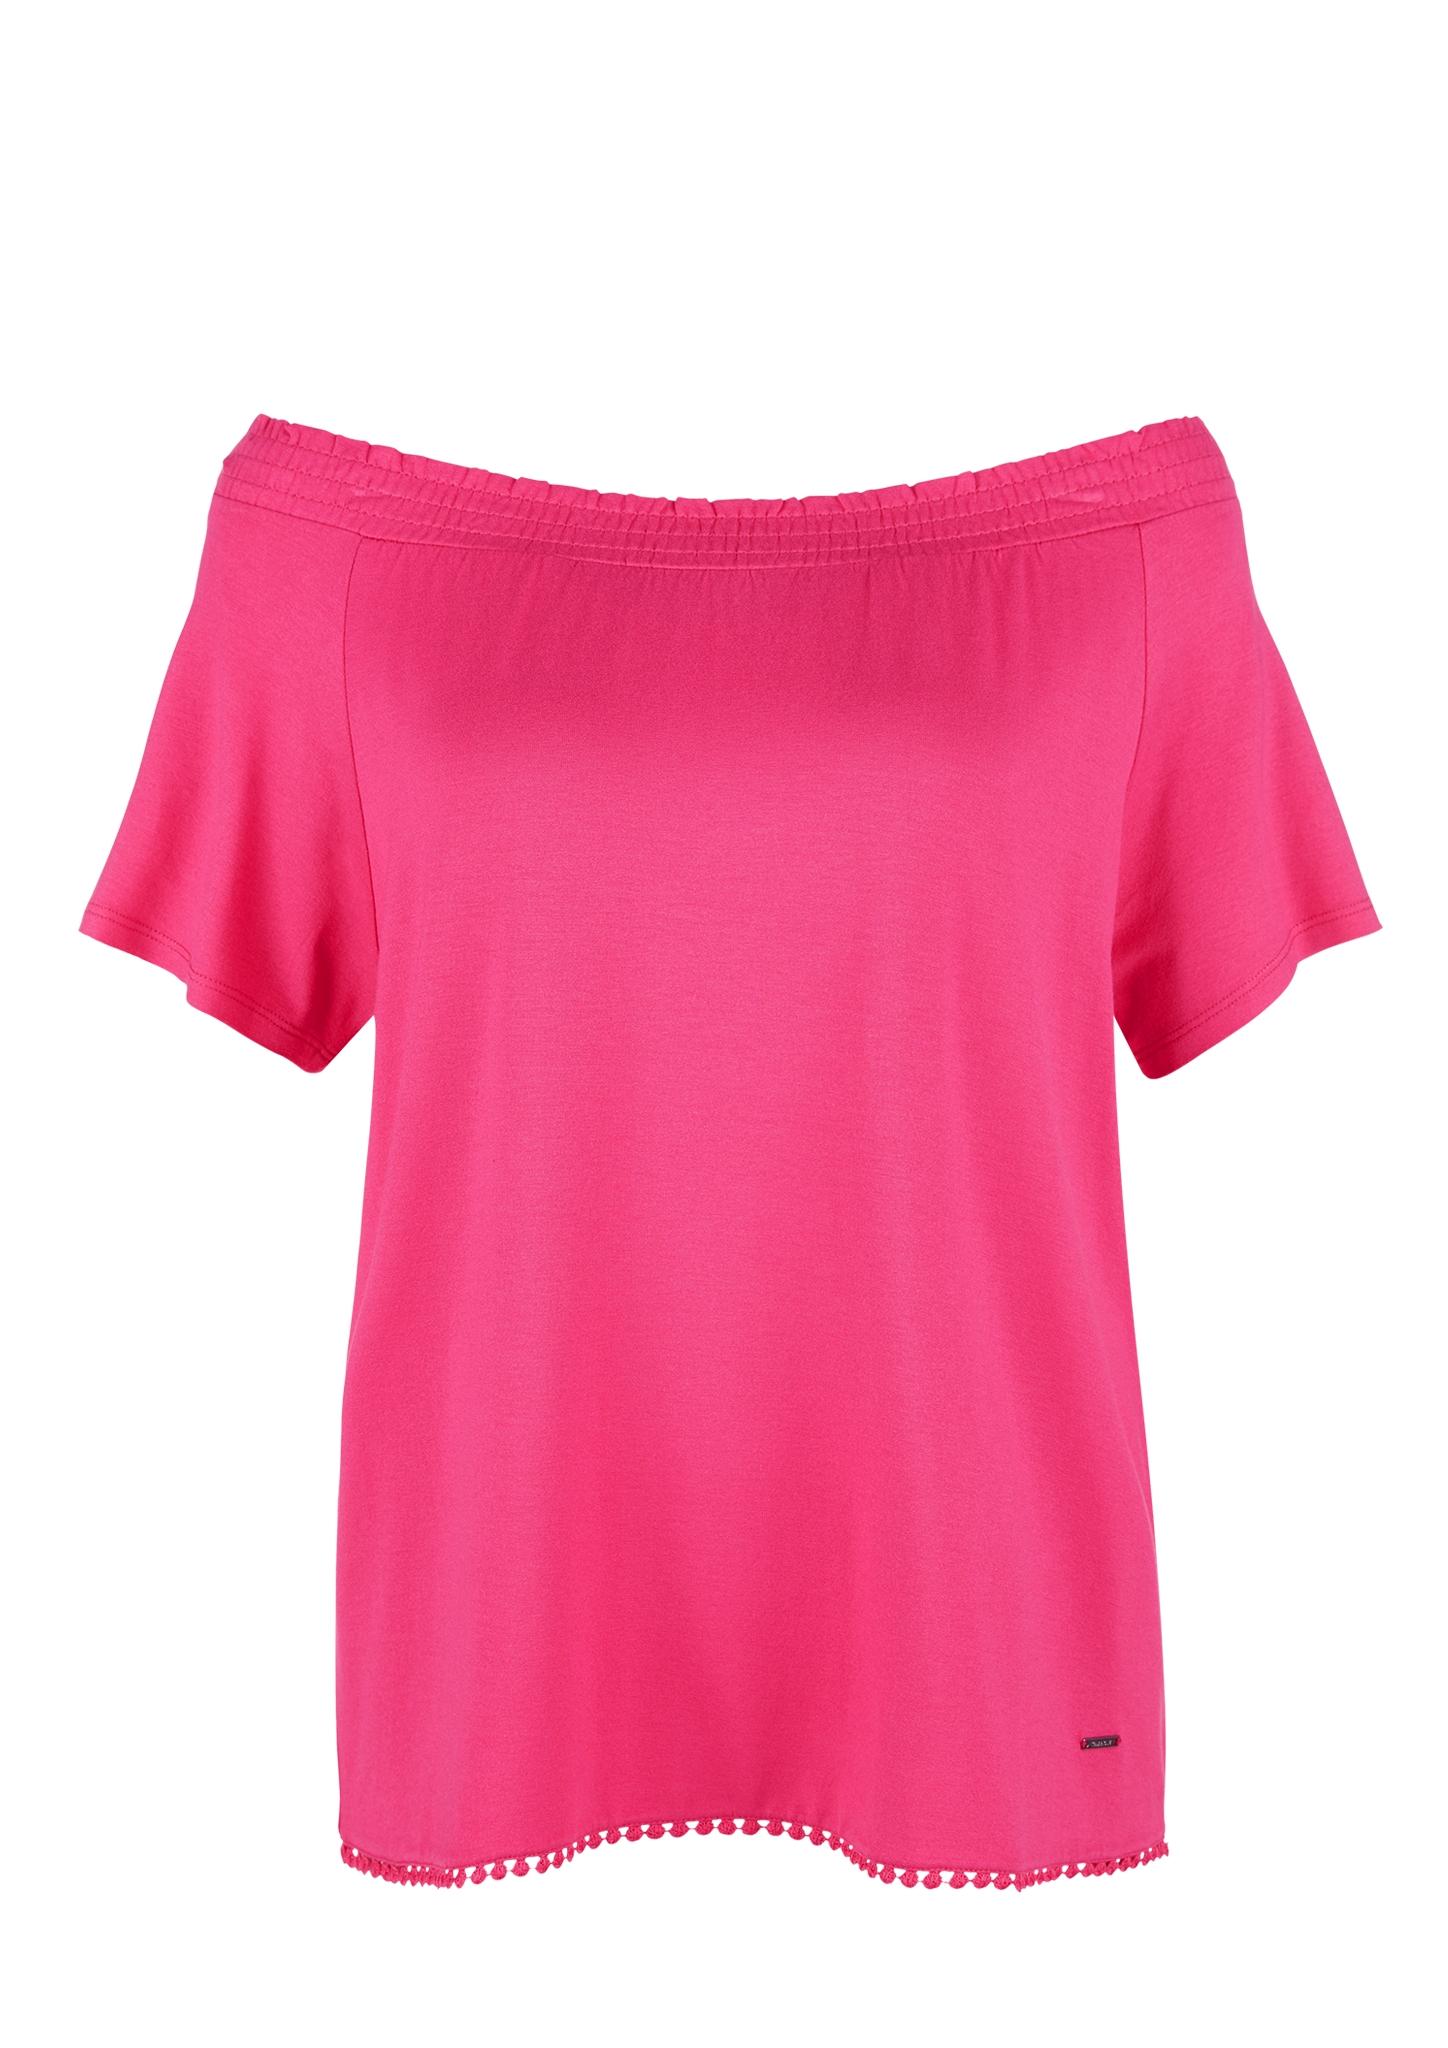 Carmenshirt | Bekleidung > Shirts > Carmenshirts & Wasserfallshirts | Rosa | 95% viskose -  5% elasthan | TRIANGLE